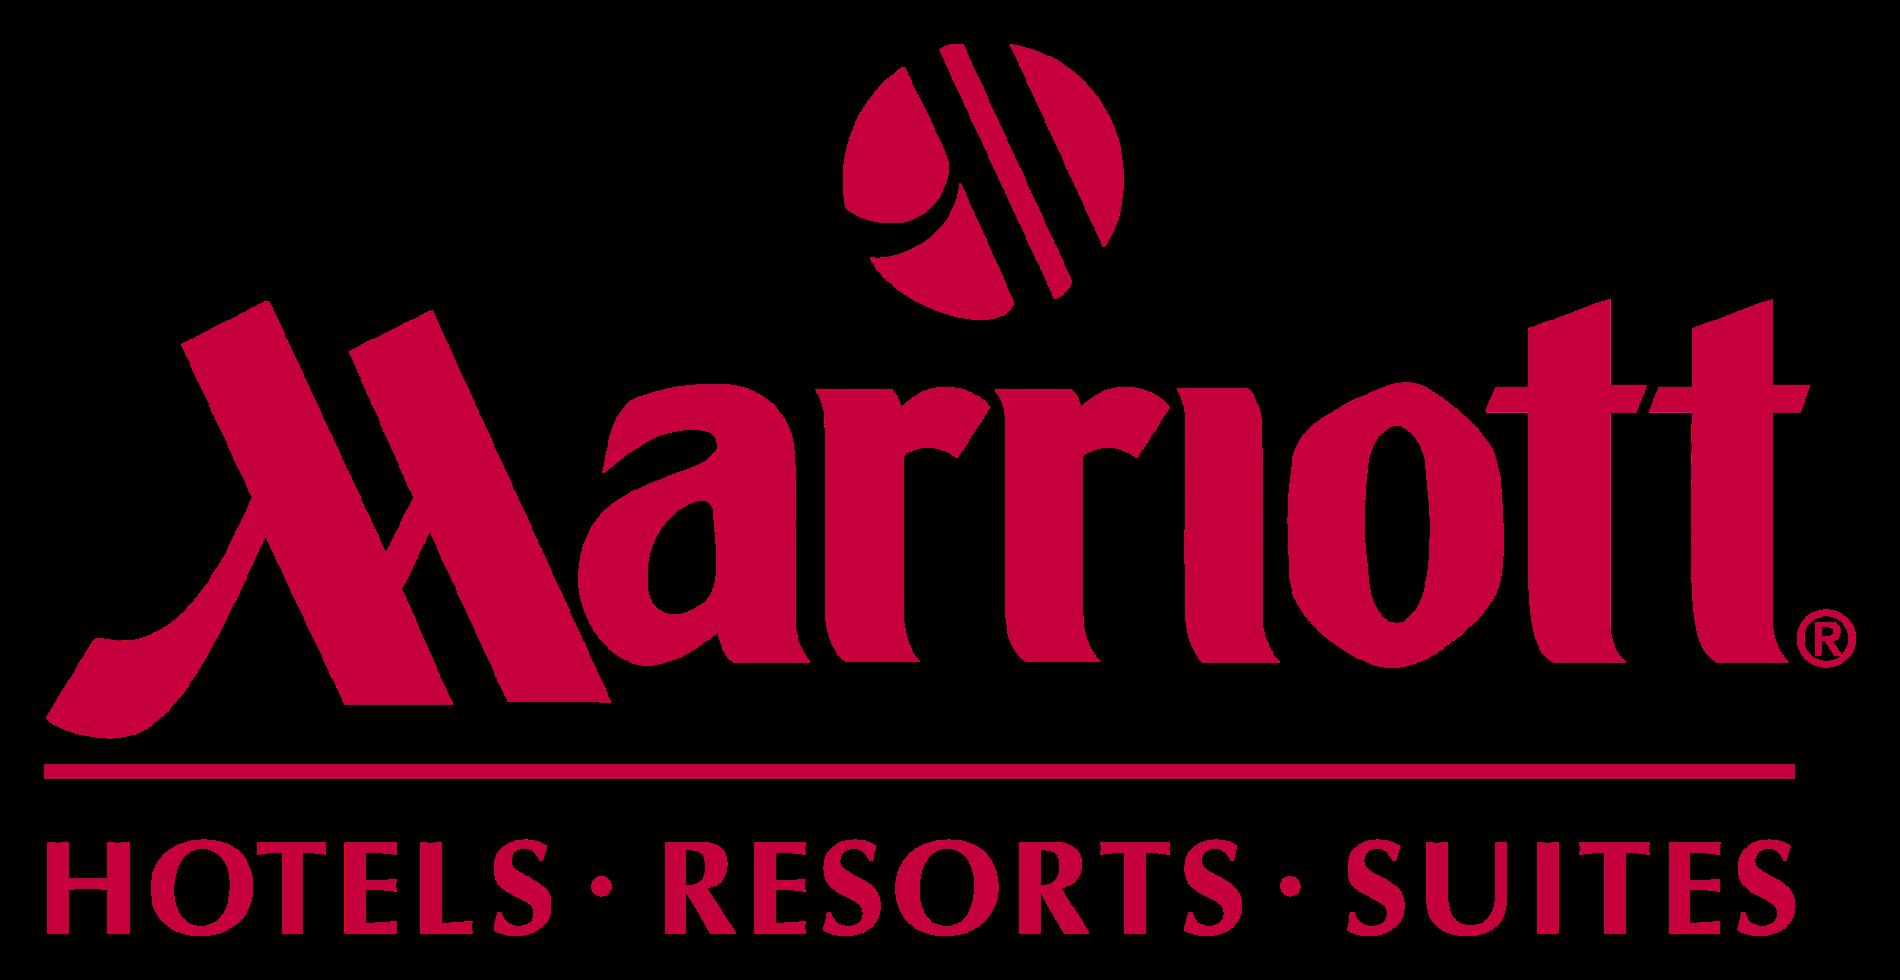 Слияние Marriott и Starwood увеличит конкурентные преимущества Дубая